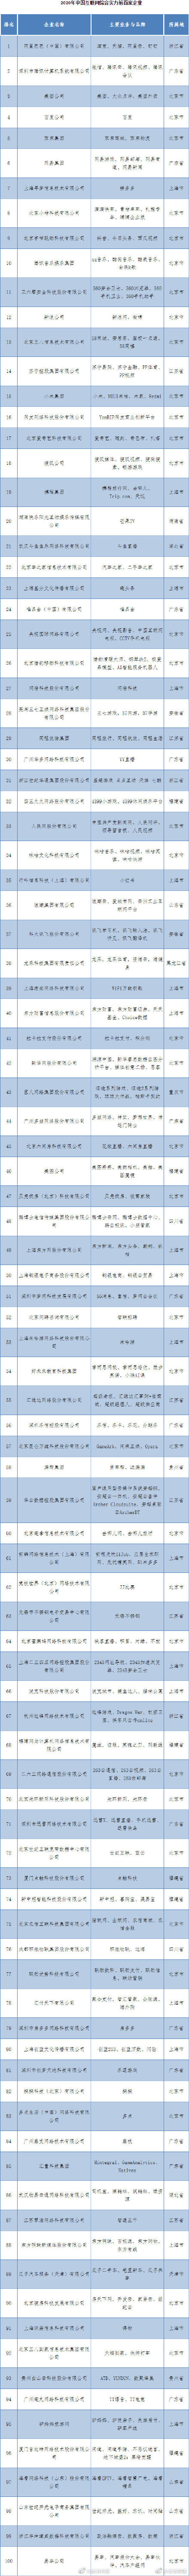 2020年中国互联网企业百强名单